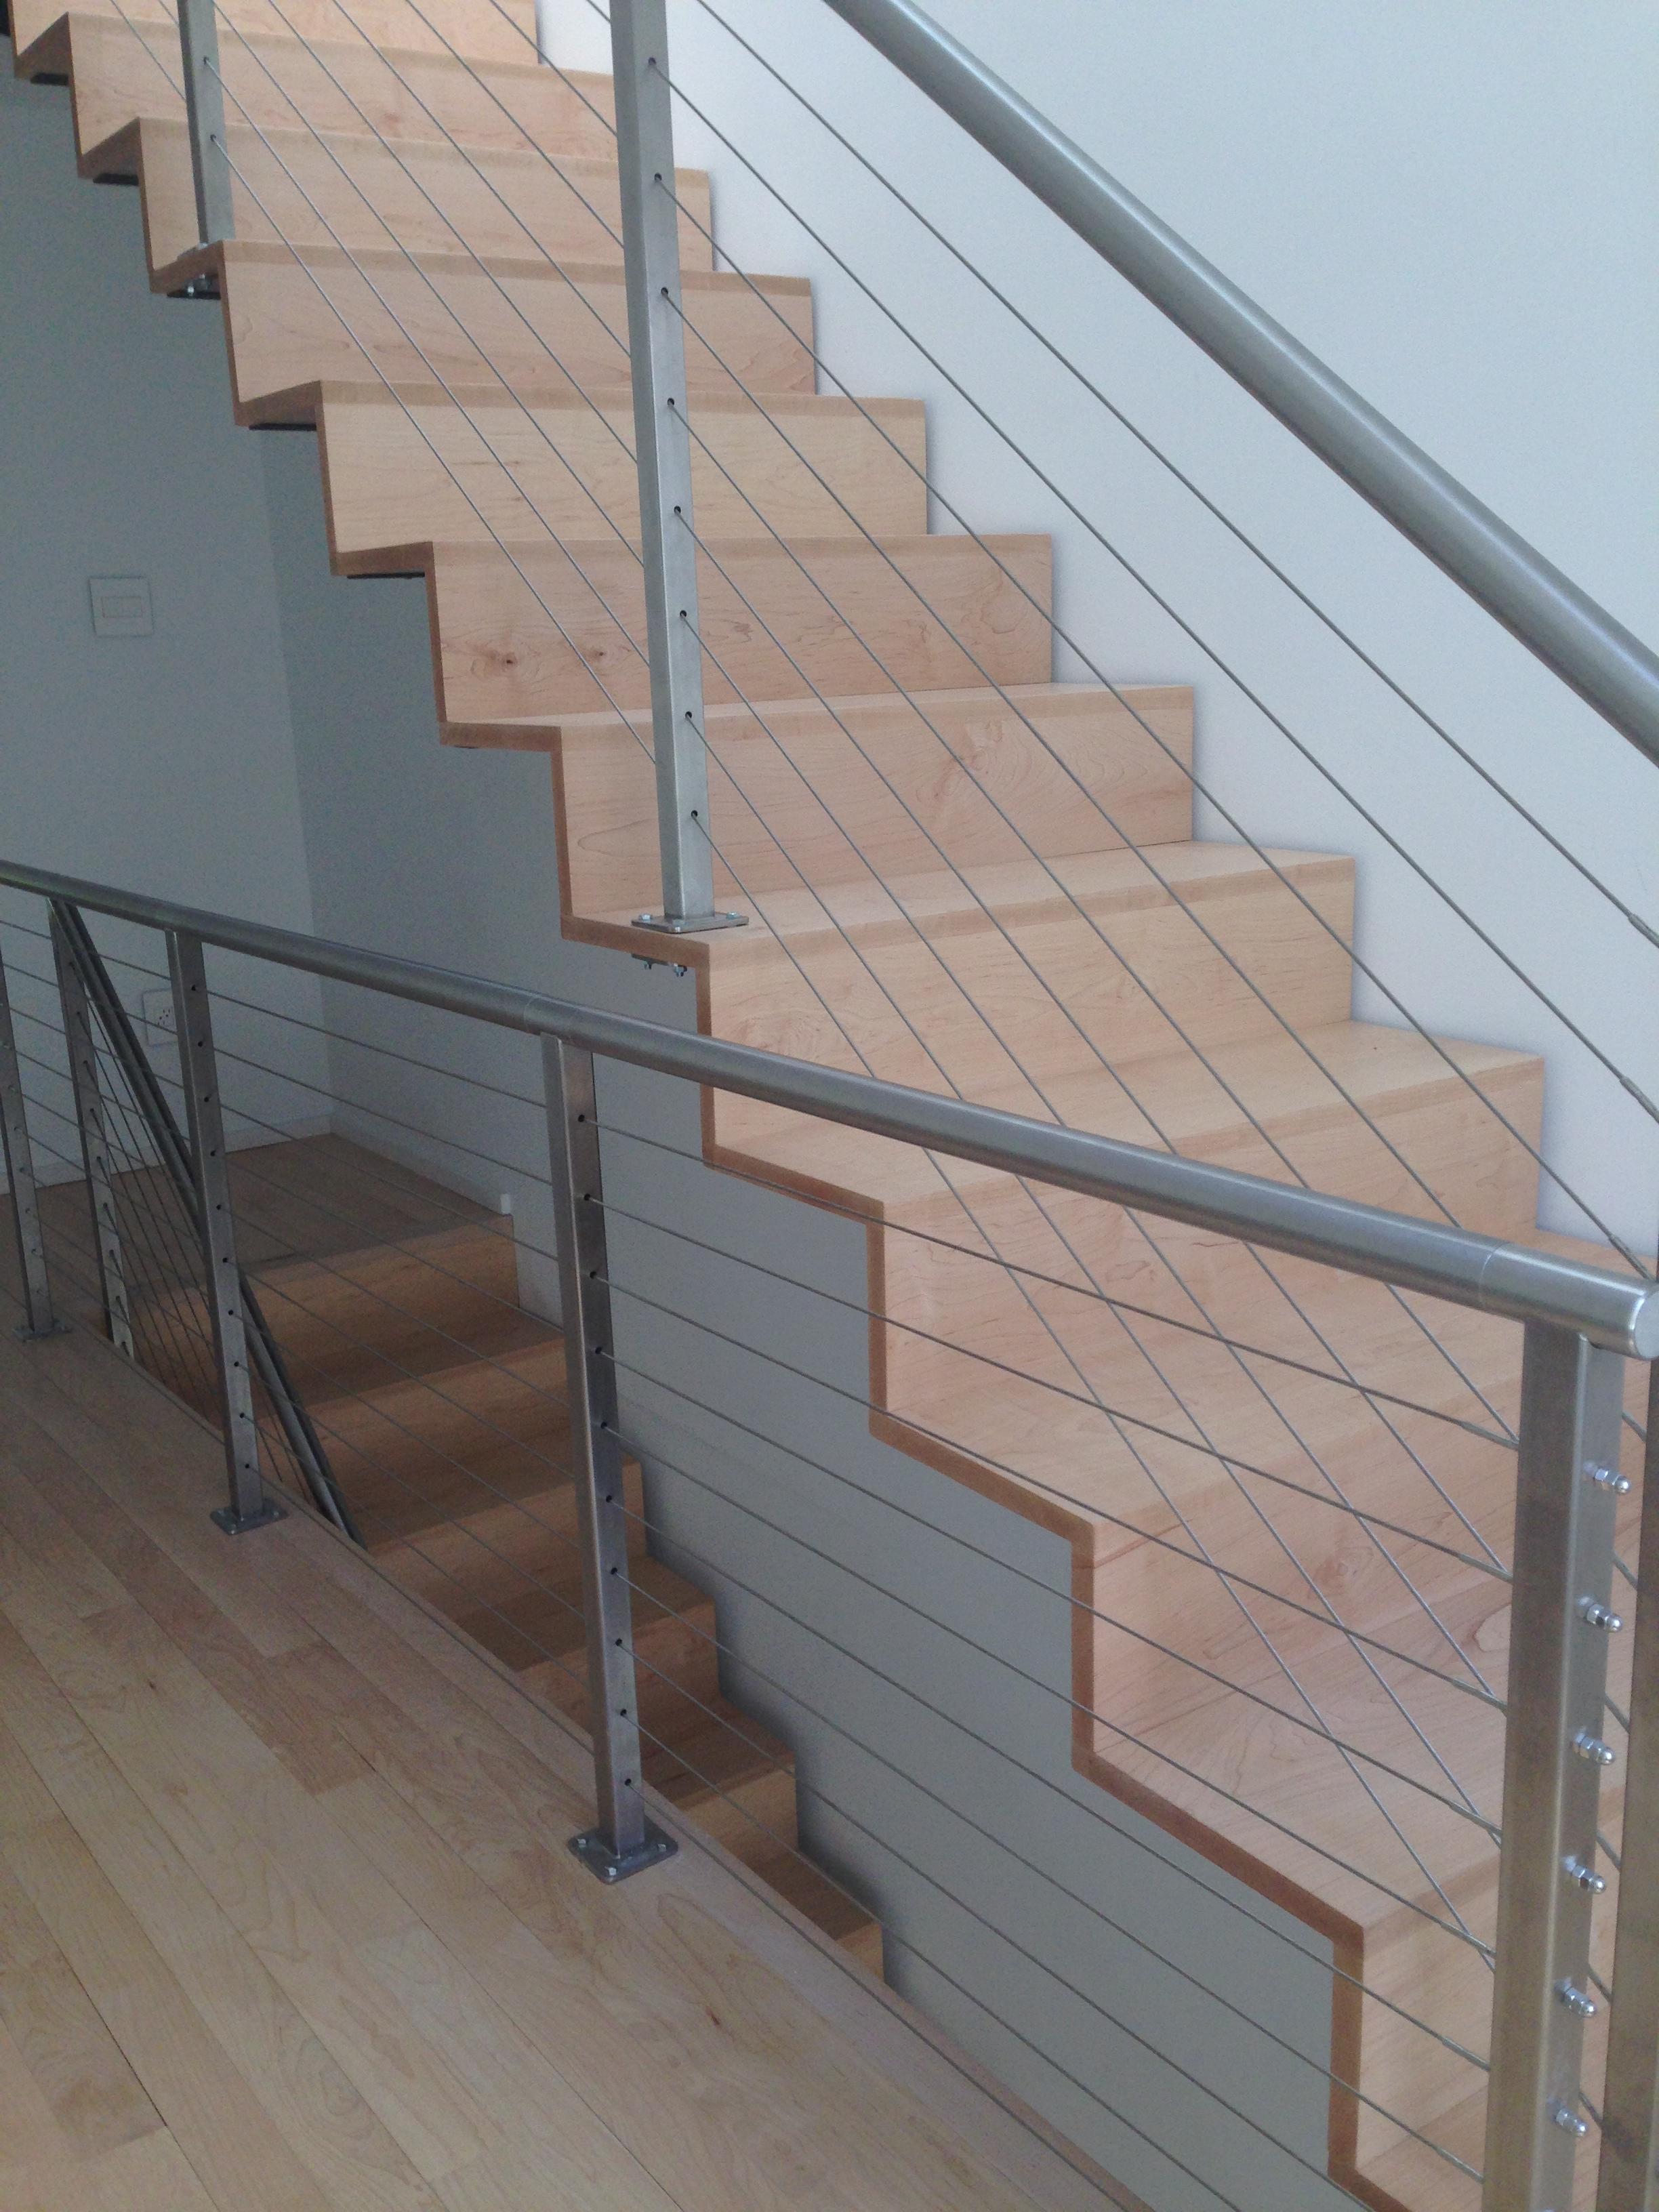 Boryanna - custom staircase